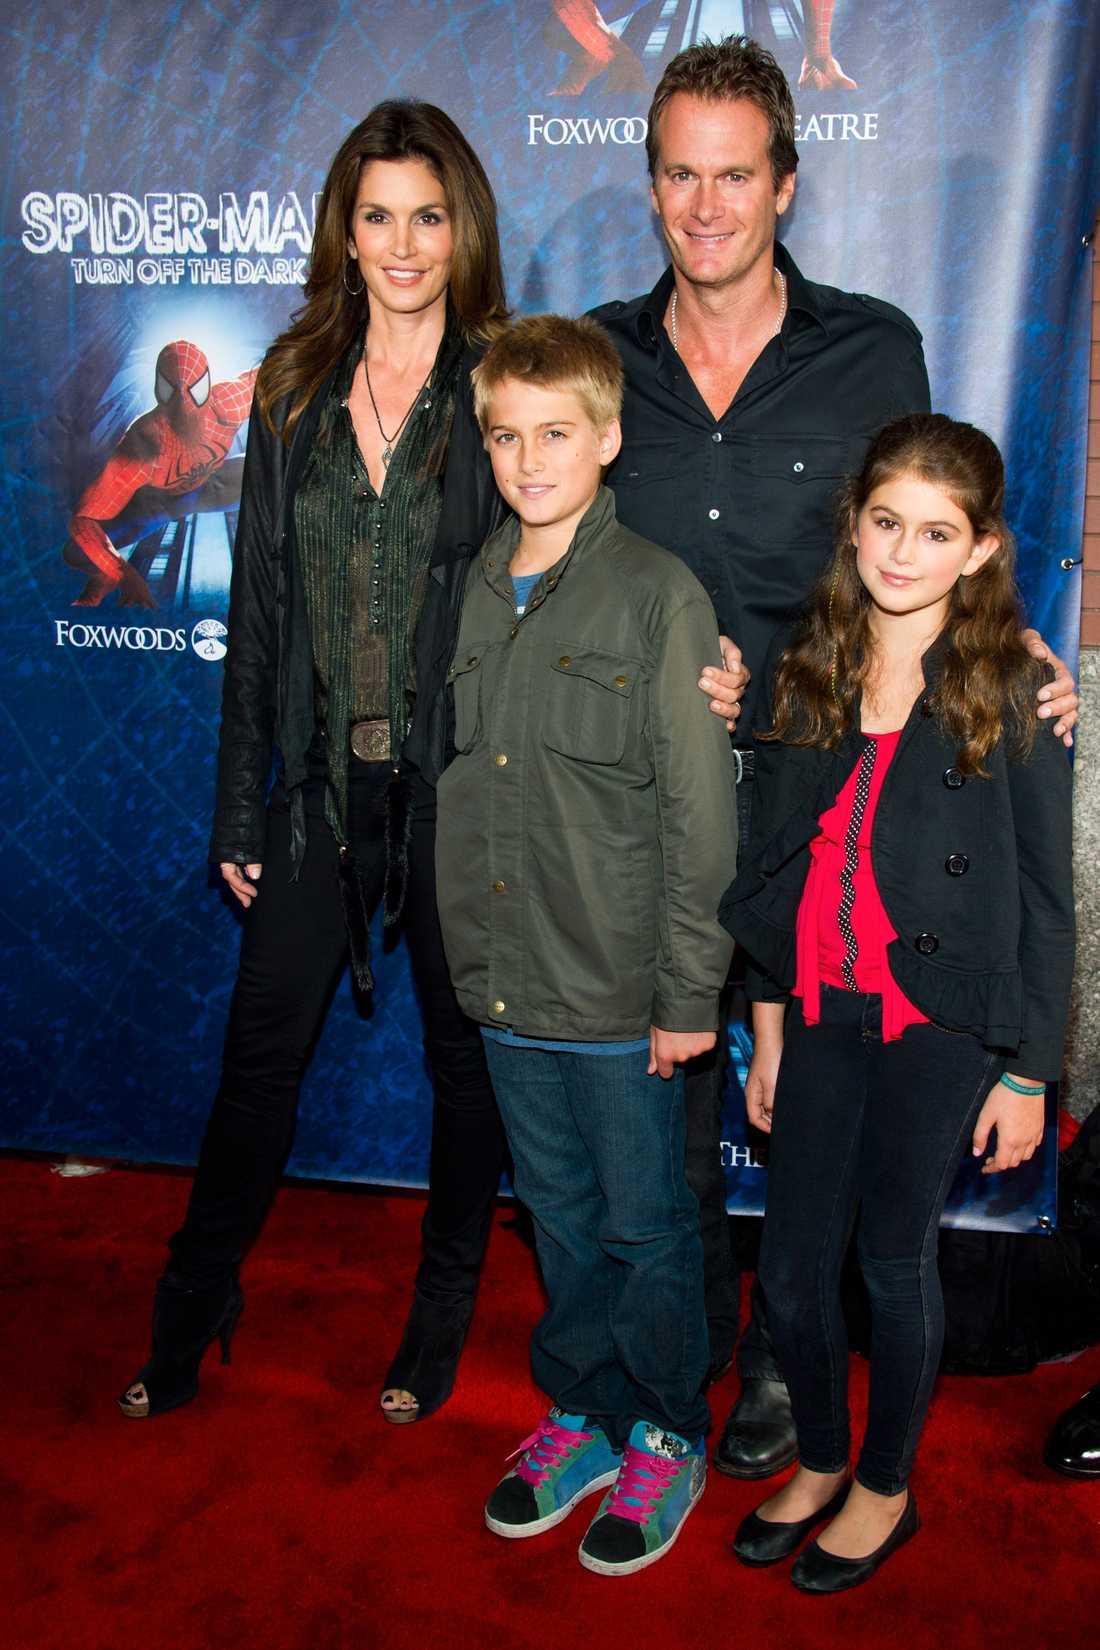 Tillsammans med mamma Cindy Crawford och pappa Rande Gerber, samt brorsan Presley 2011.